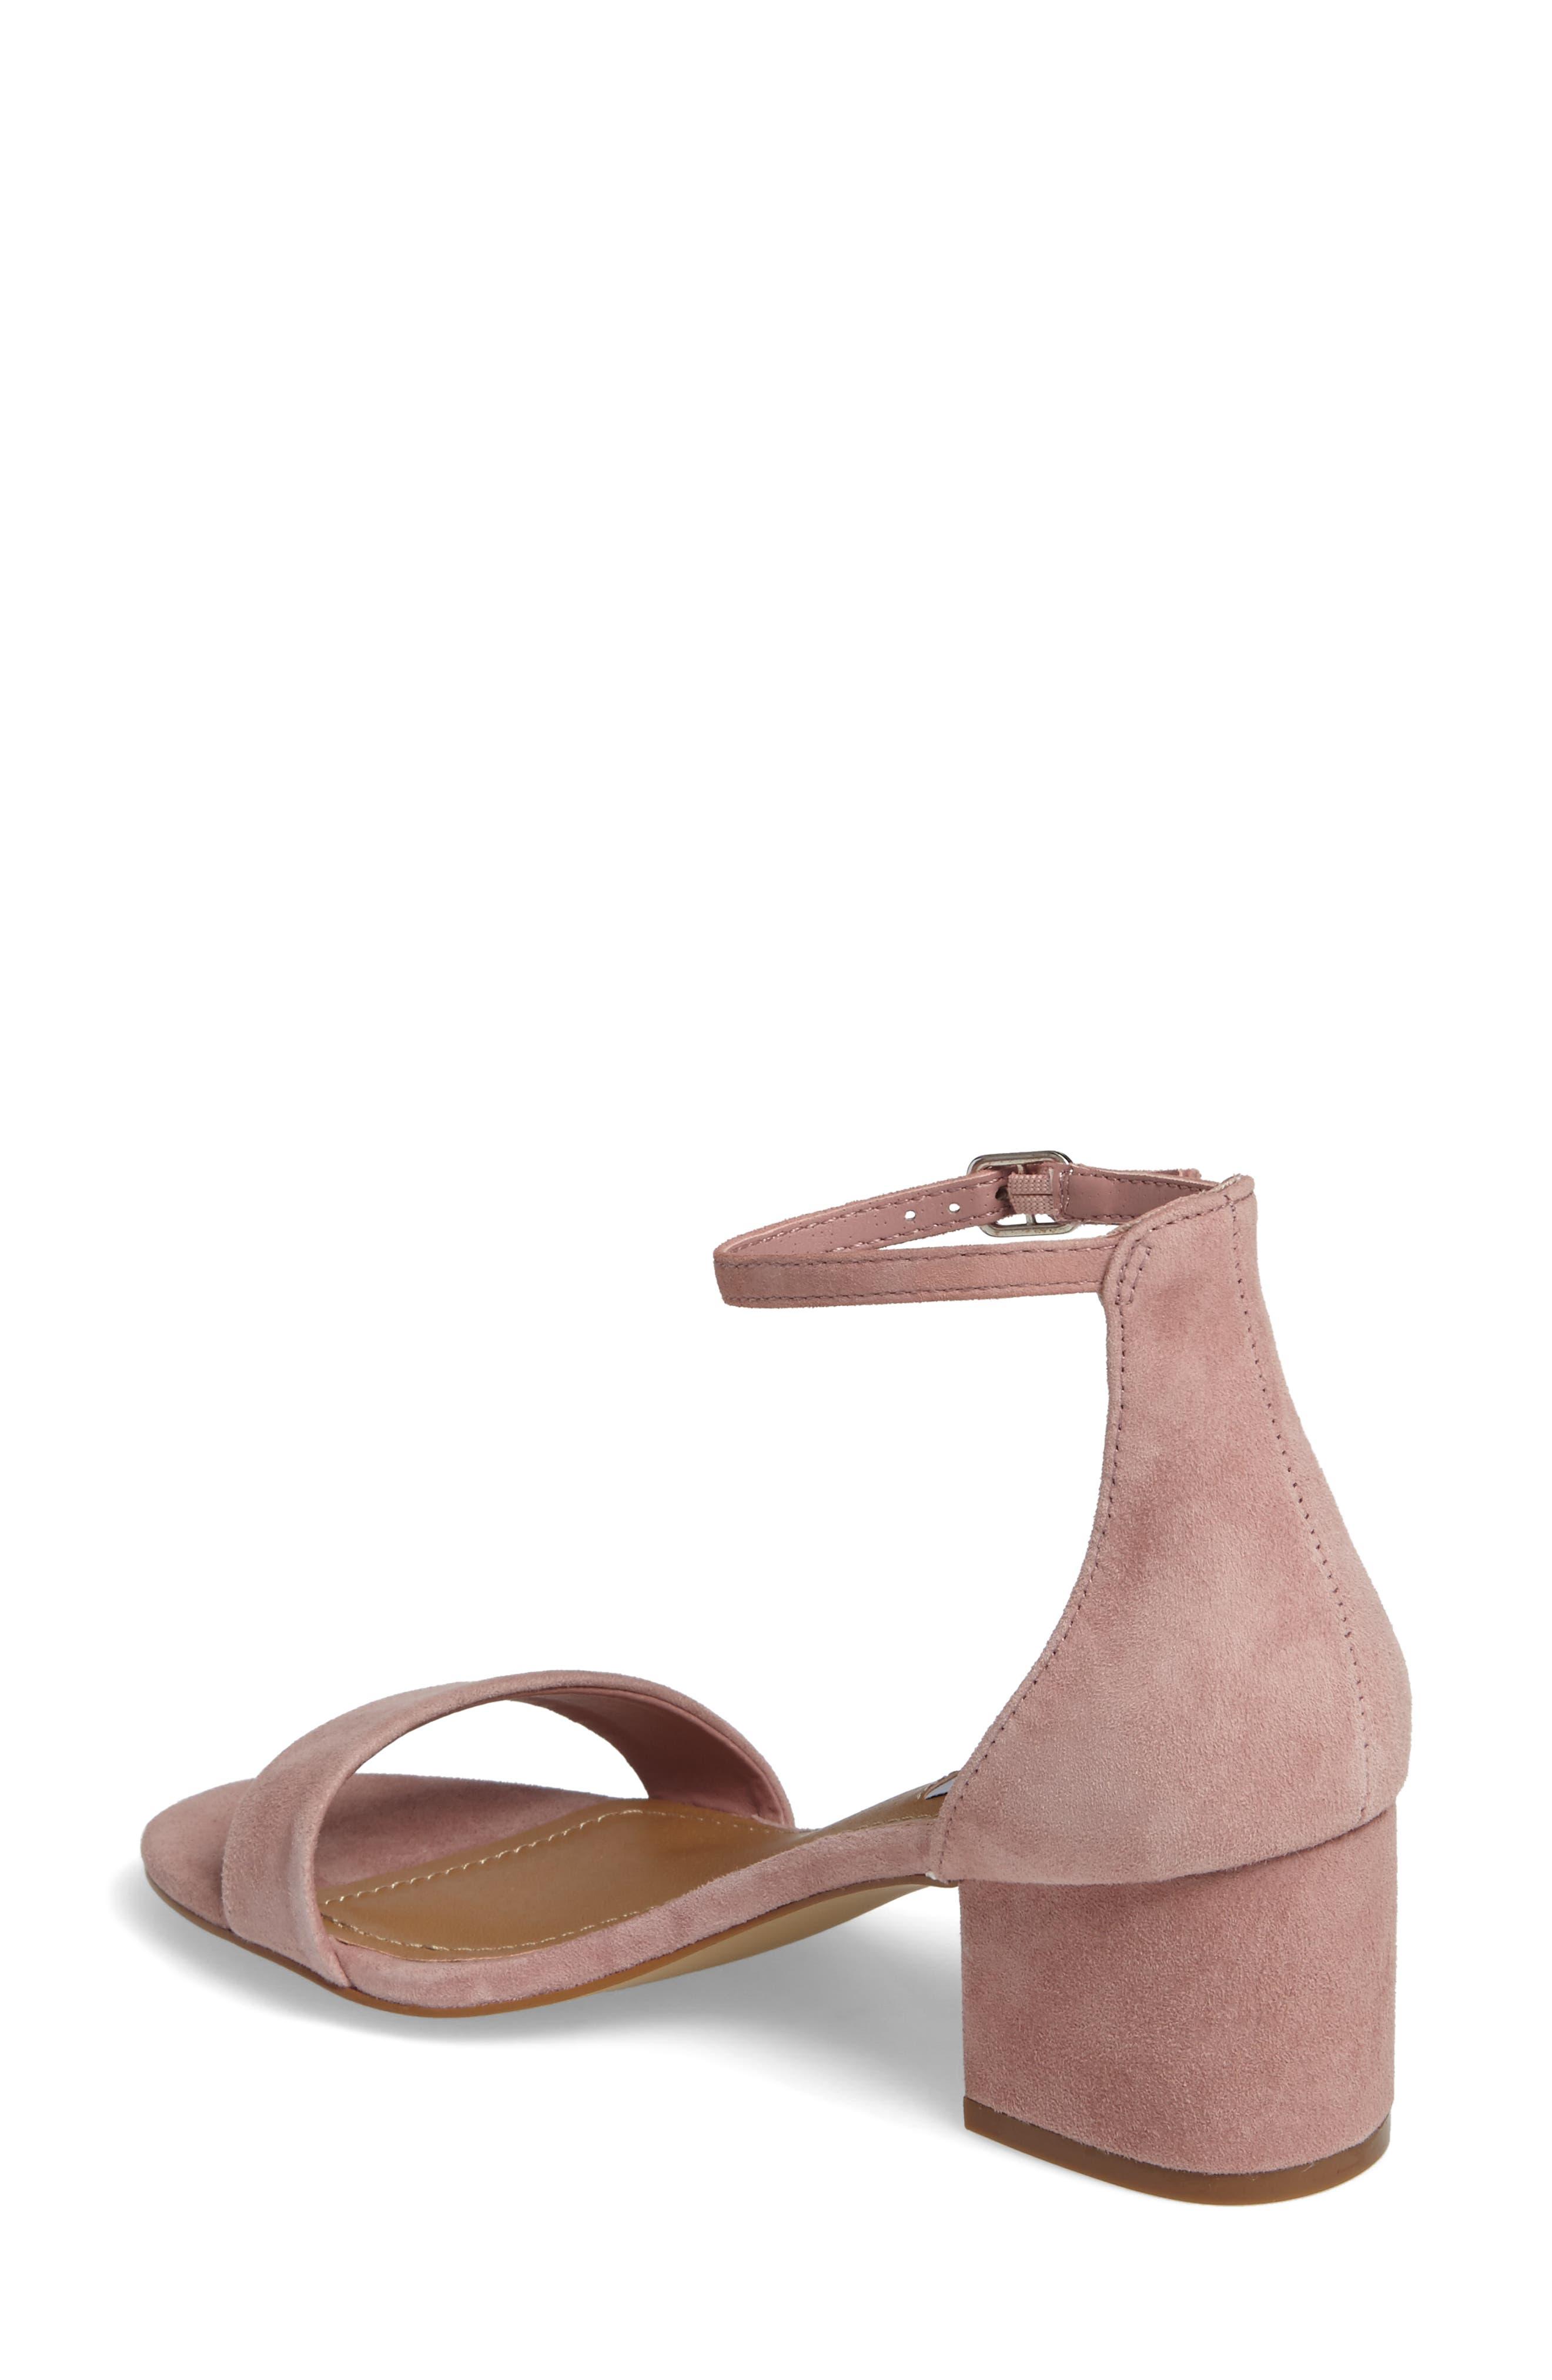 Irenee Ankle Strap Sandal,                             Alternate thumbnail 39, color,